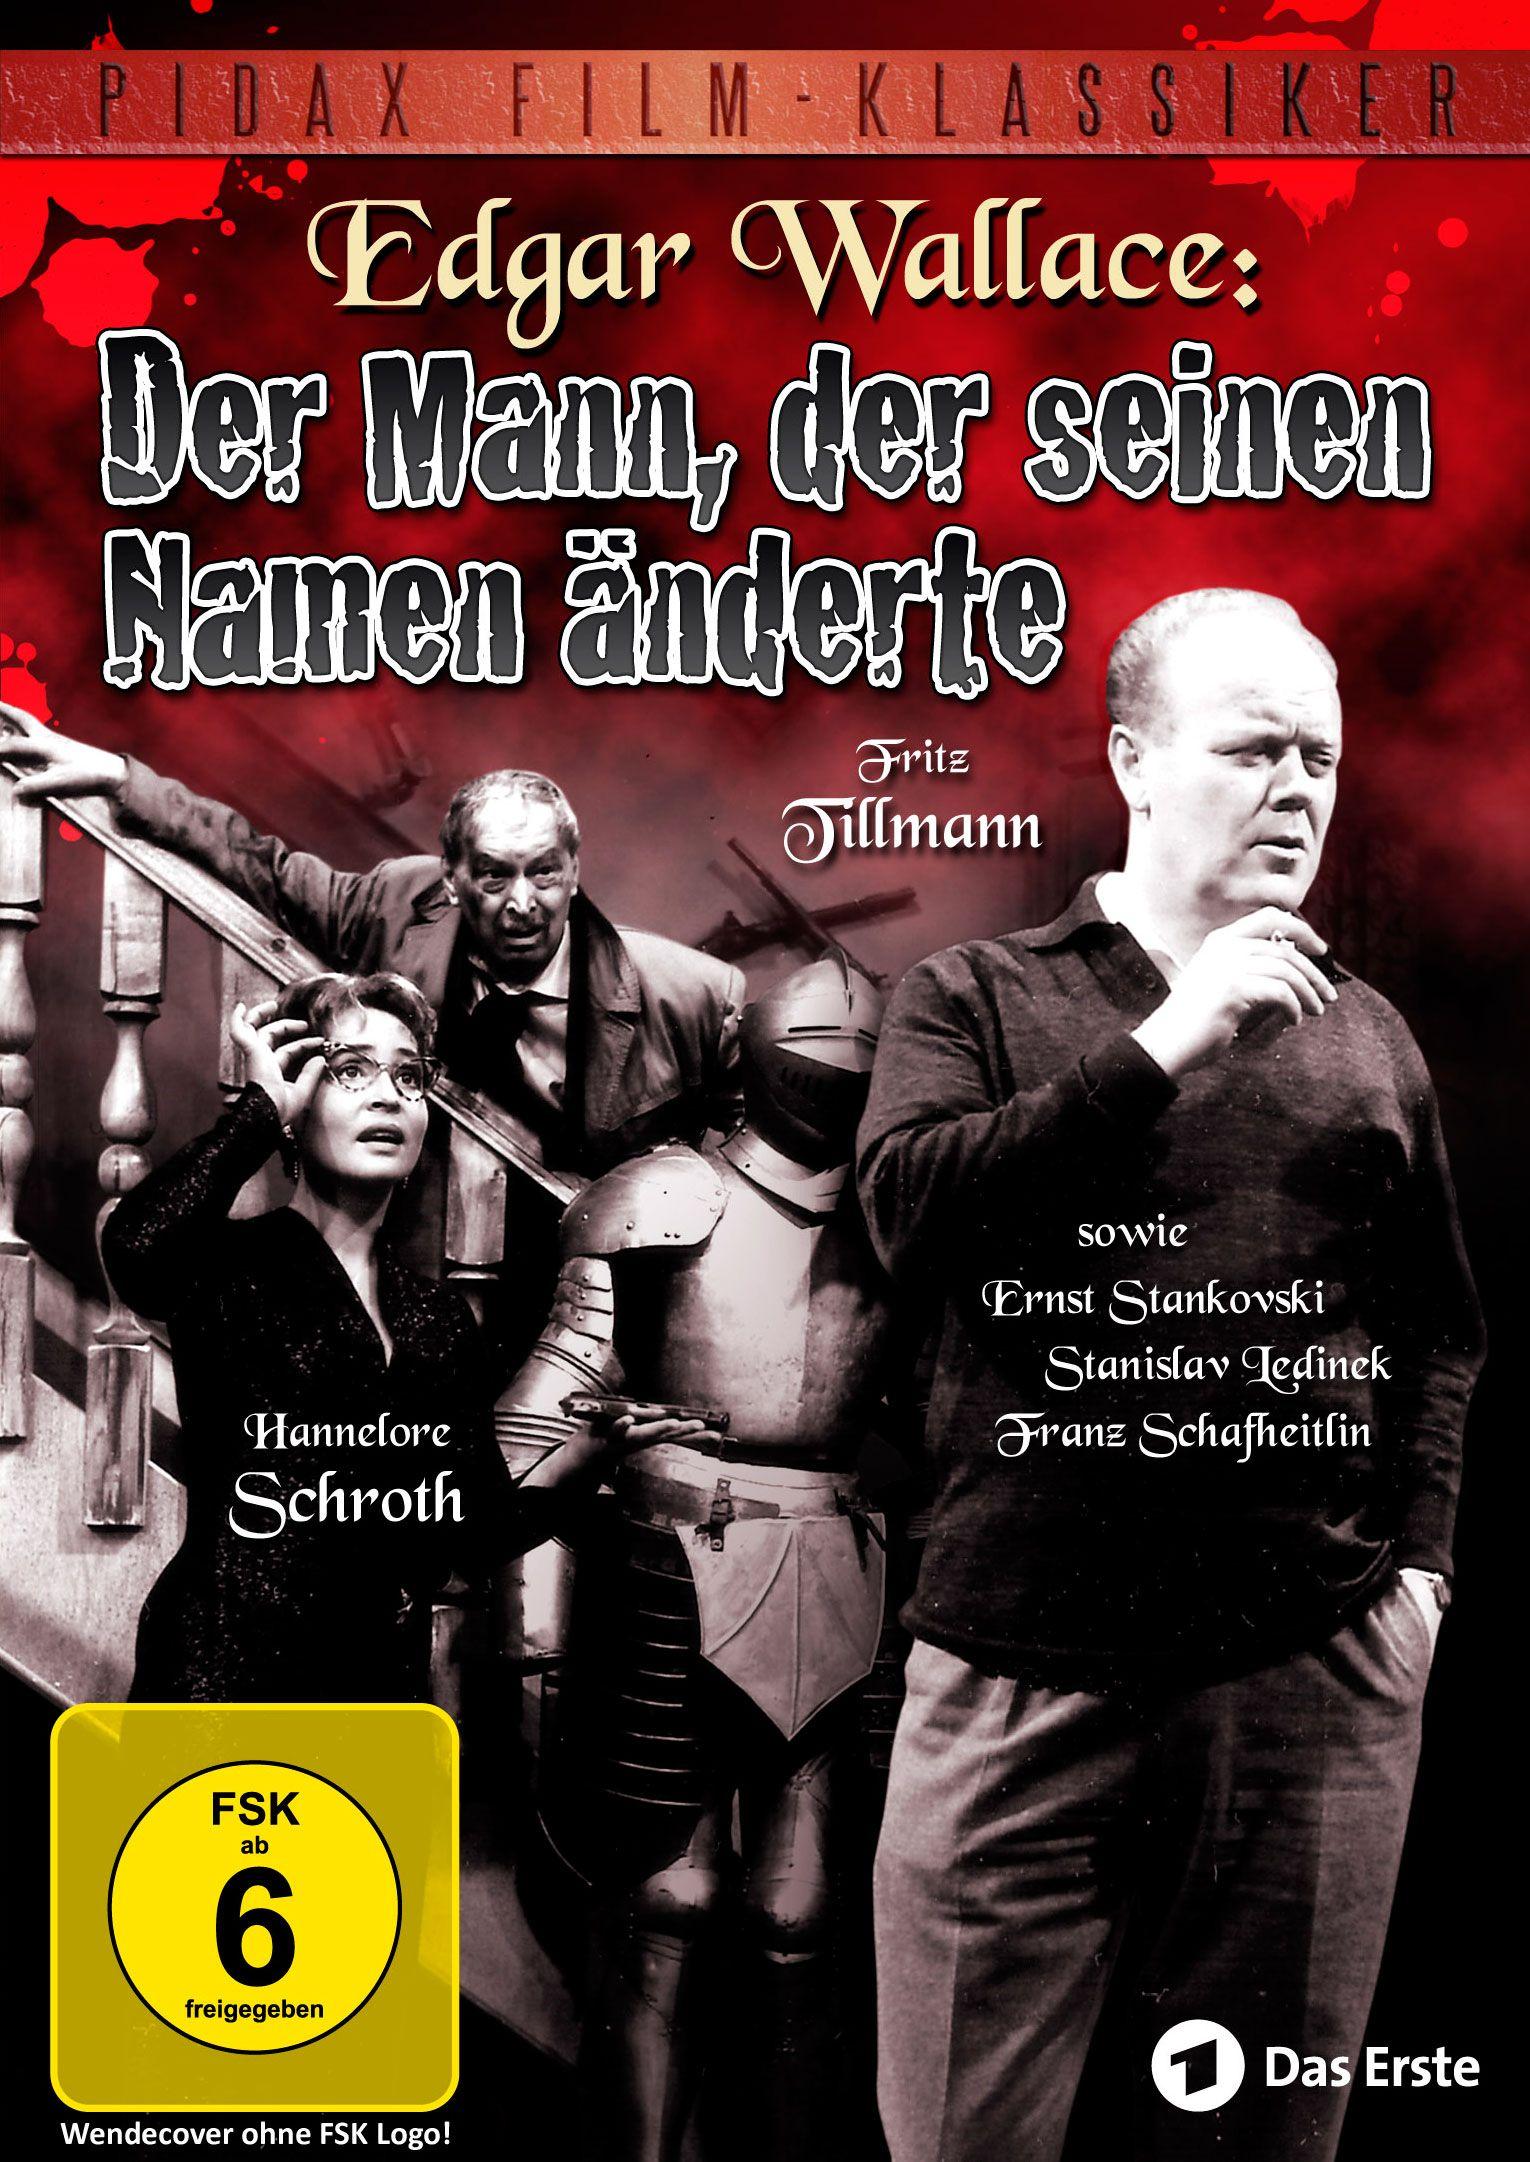 Ab 24.11.2015 bei uns! Hochspannende Edgar-Wallace-Verfilmung mit Fritz Tillmann und Hannelore Schroth